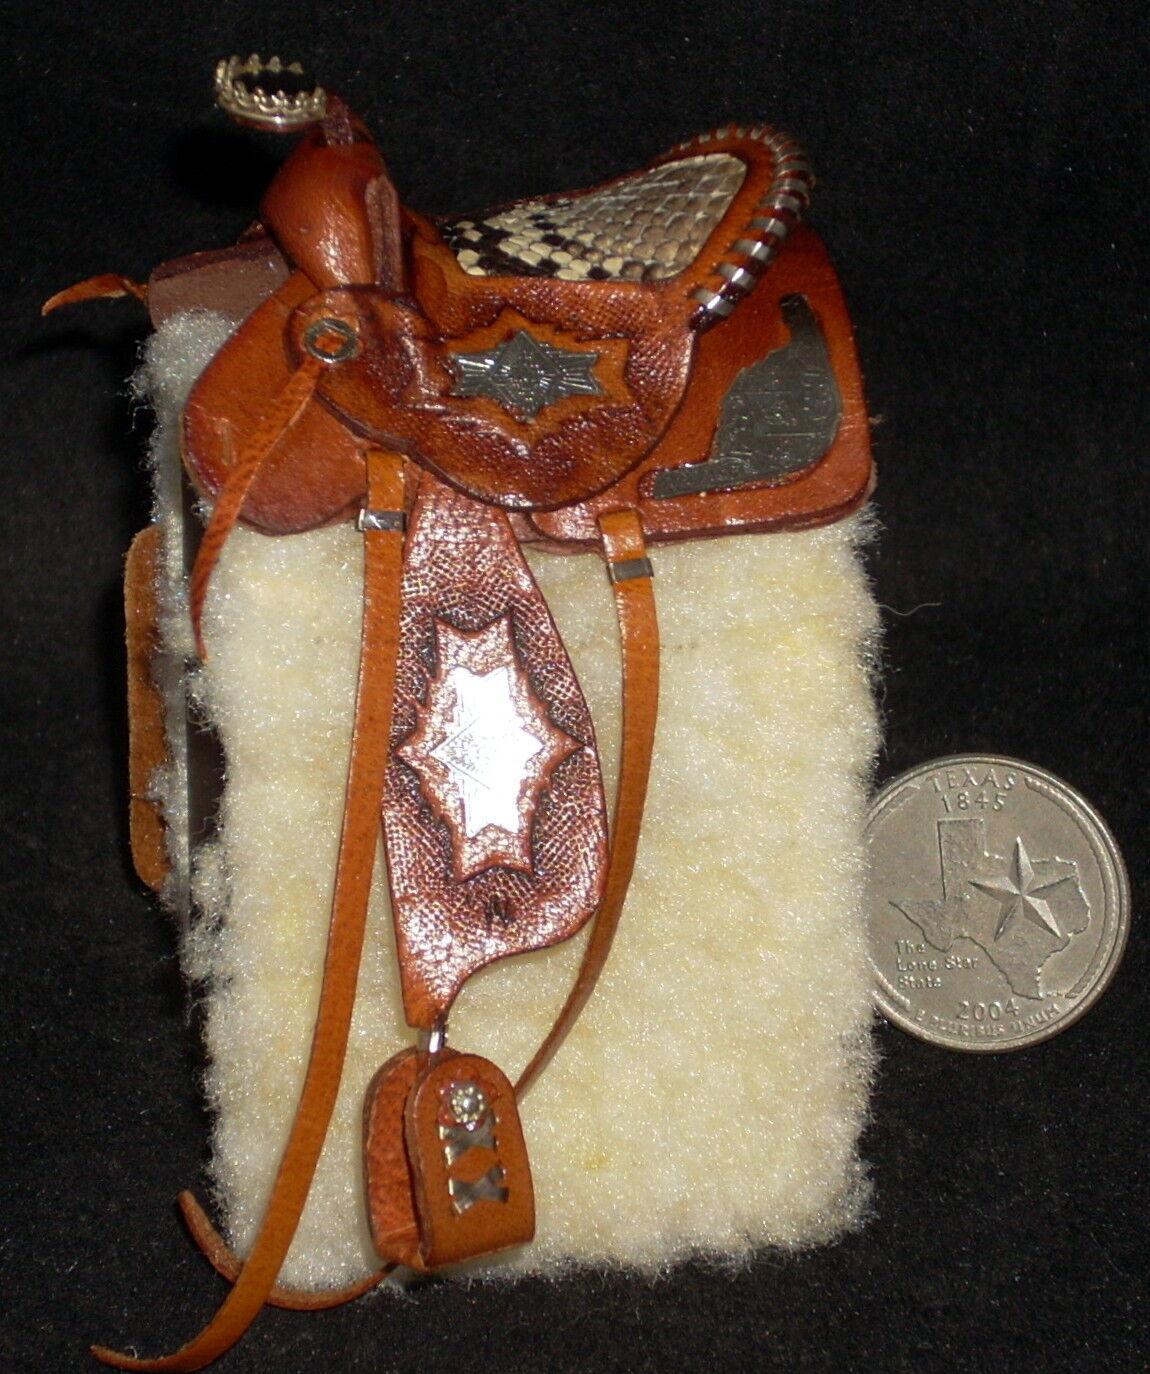 Casa de muñecas en miniatura Prestige Fancy Marrón De Cuero de Caballo Silla Texas 1 12   6810